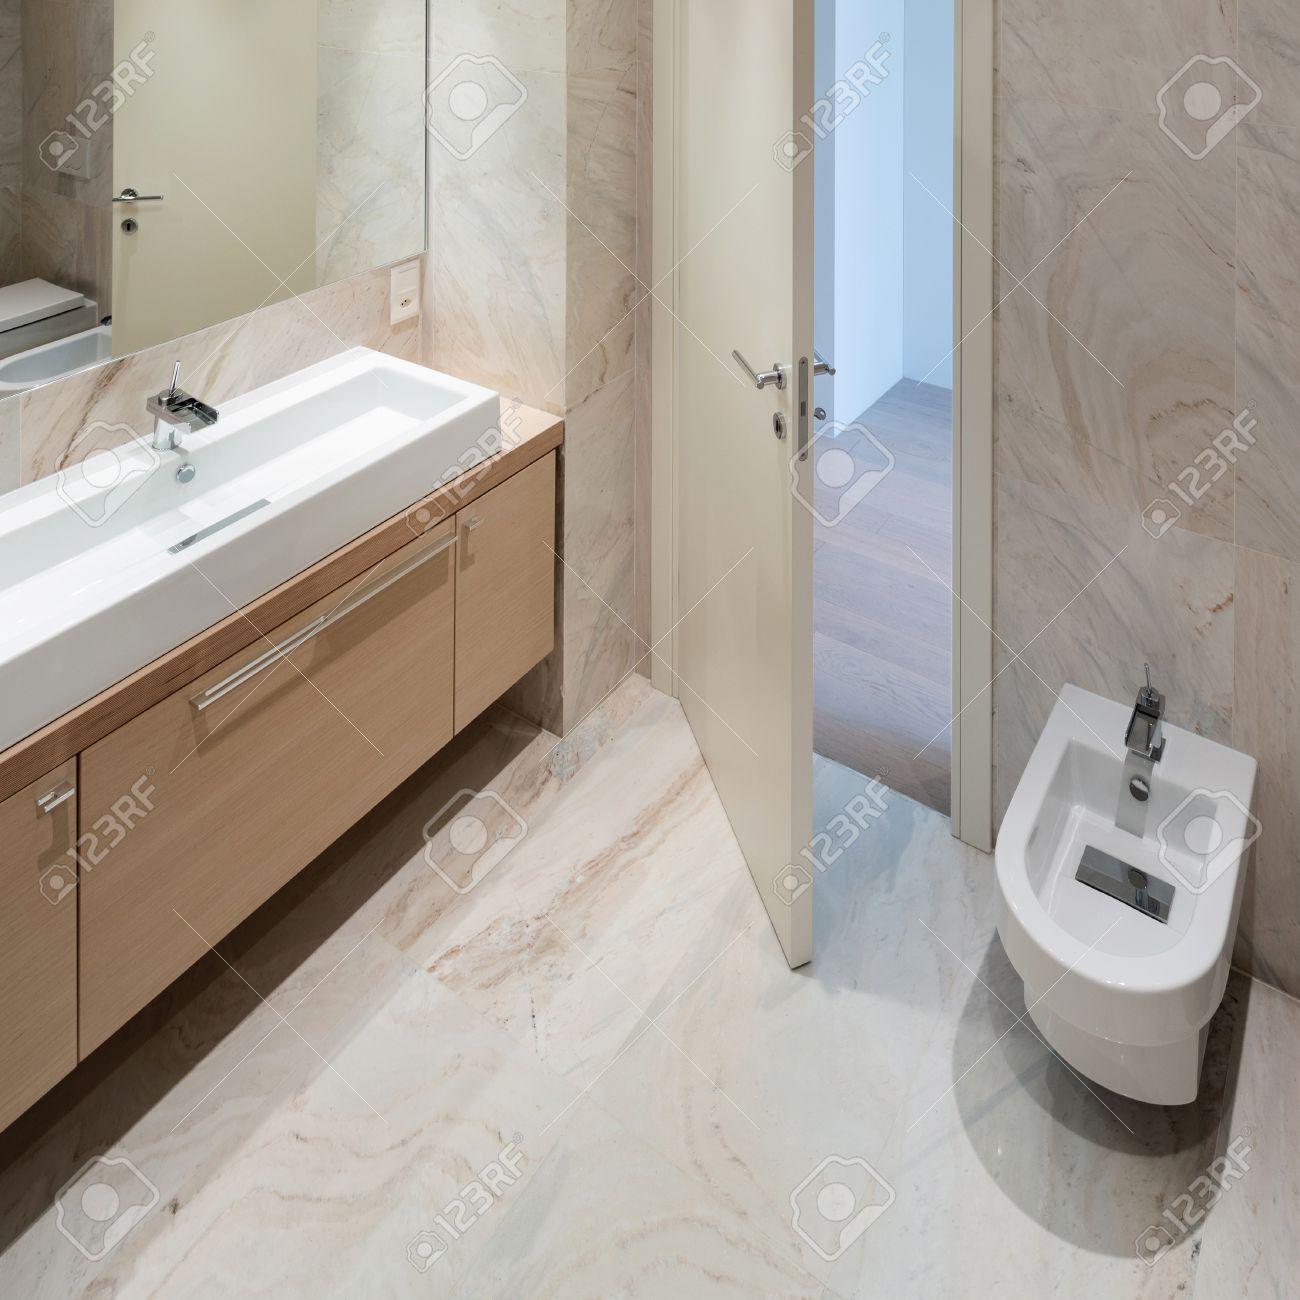 Waschbecken modernes design  Die Marmor-Badezimmer Mit Waschbecken Modernes Design Lizenzfreie ...